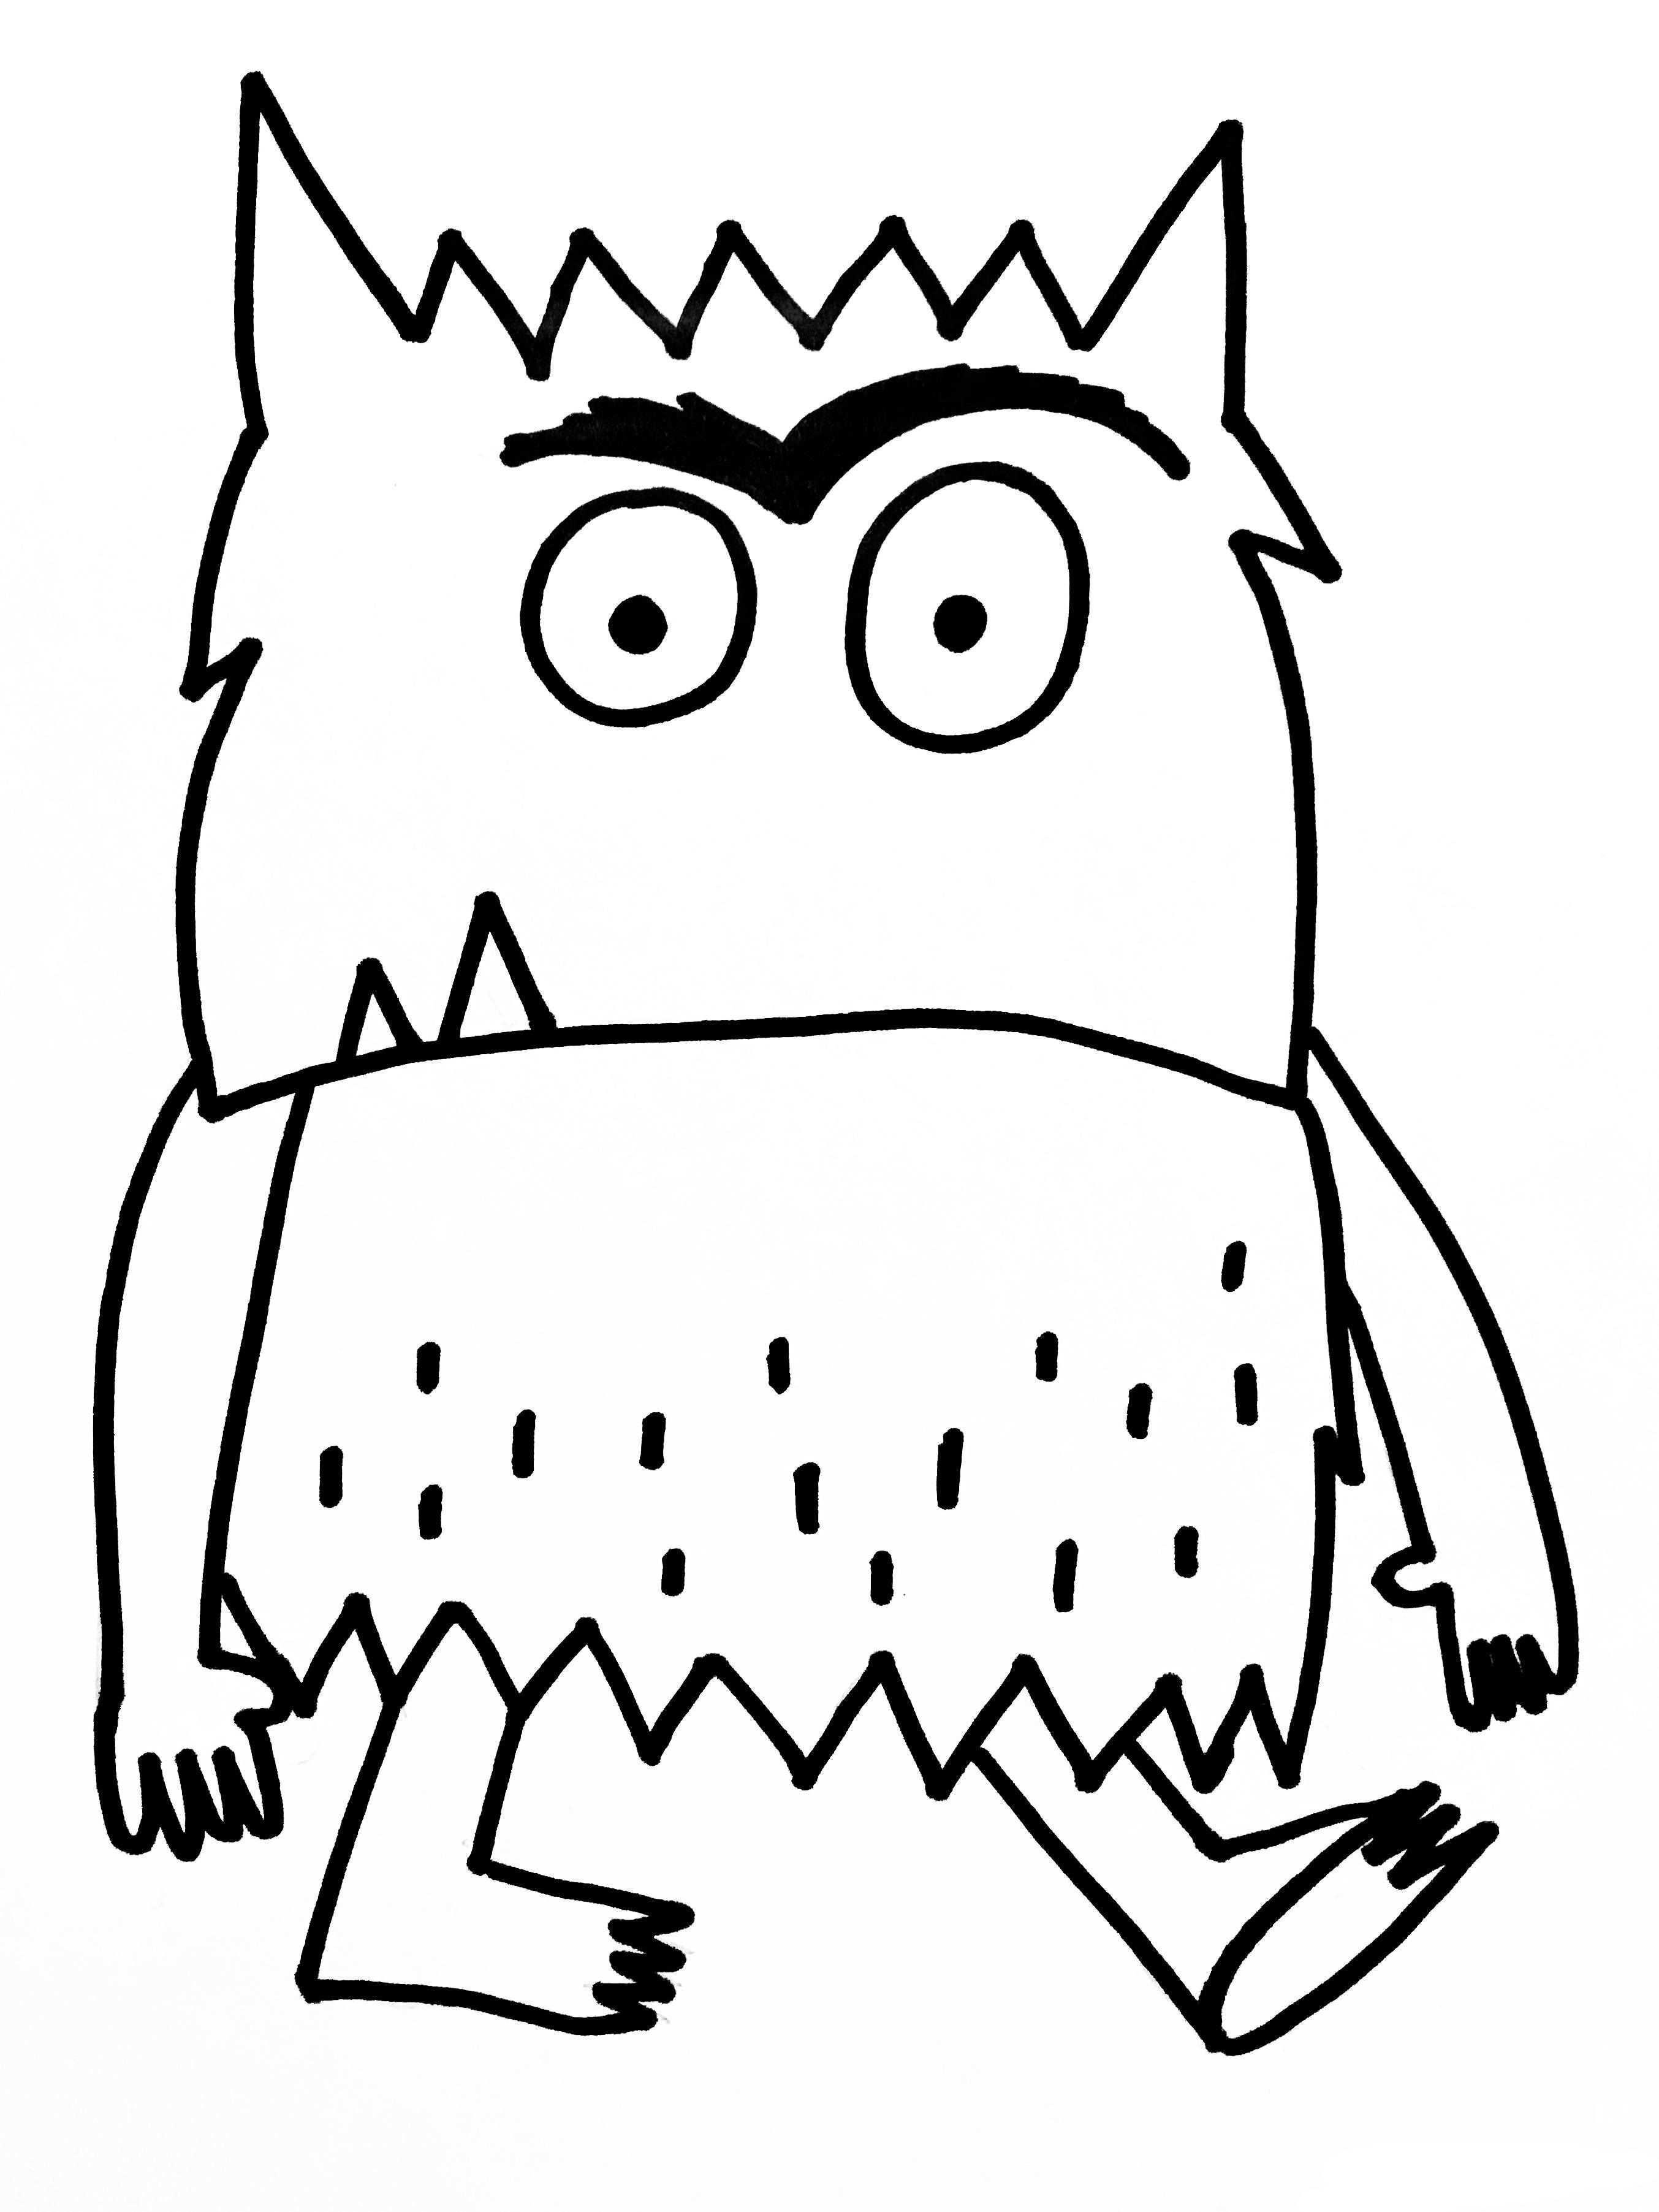 Kleurplaat Het Kleurenmonster Boos Monster Activiteiten Emoties Kleuterschool Thema